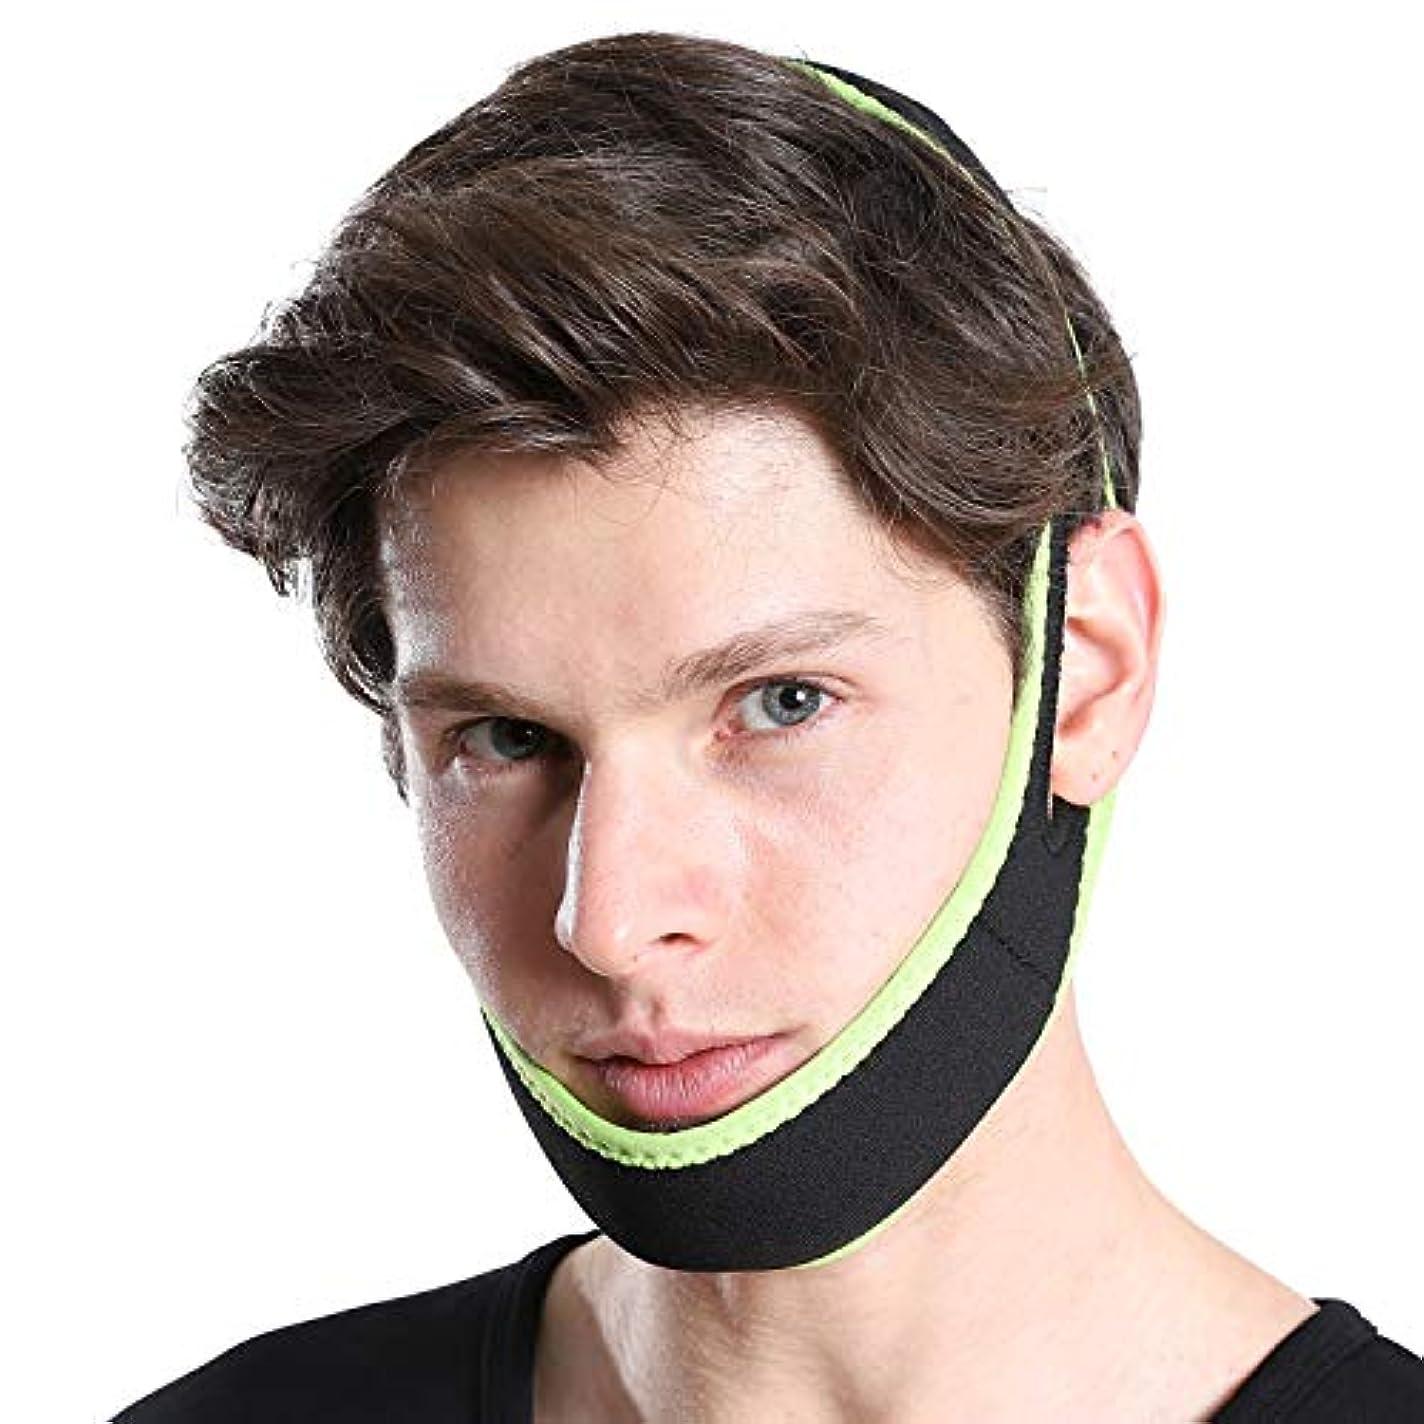 補助速い将来のELPIRKA 小顔マスク メンズ ゲルマニウムチタン 配合で 顔痩せ 小顔 リフトアップ!